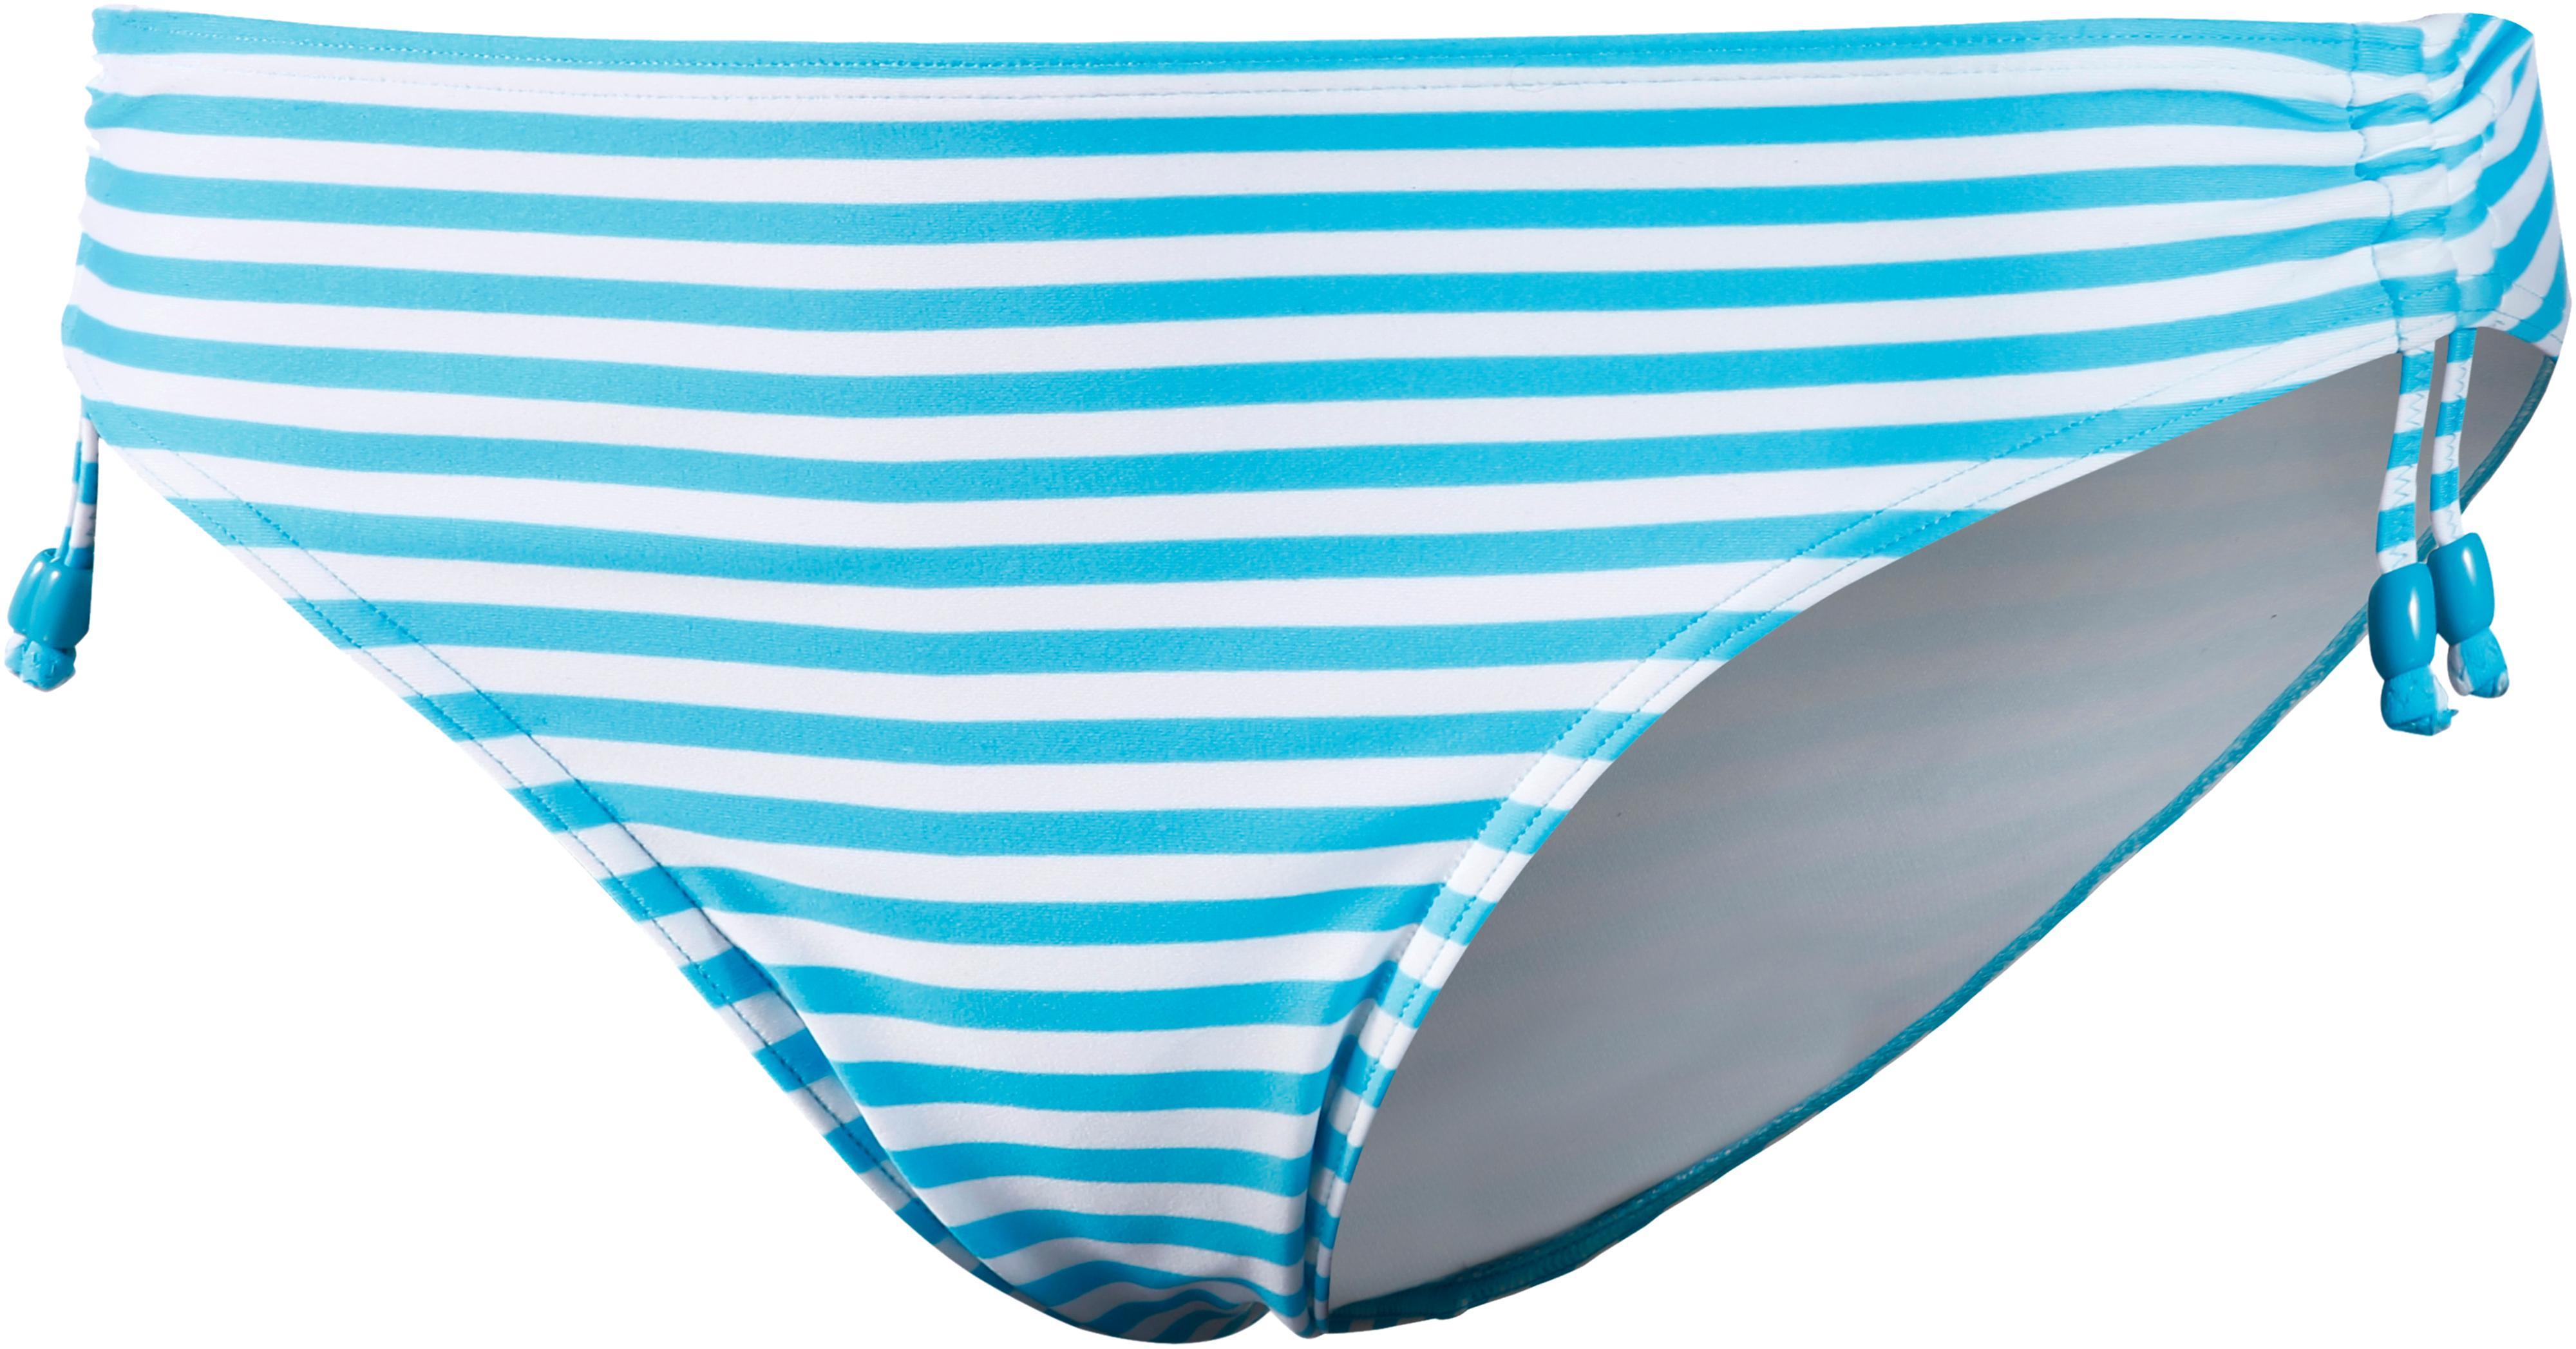 f923c5fac8285e Türkis Online Sportscheck Shop Damen Kaufen Esprit Hose Im Von Bikini  wnPk0O8